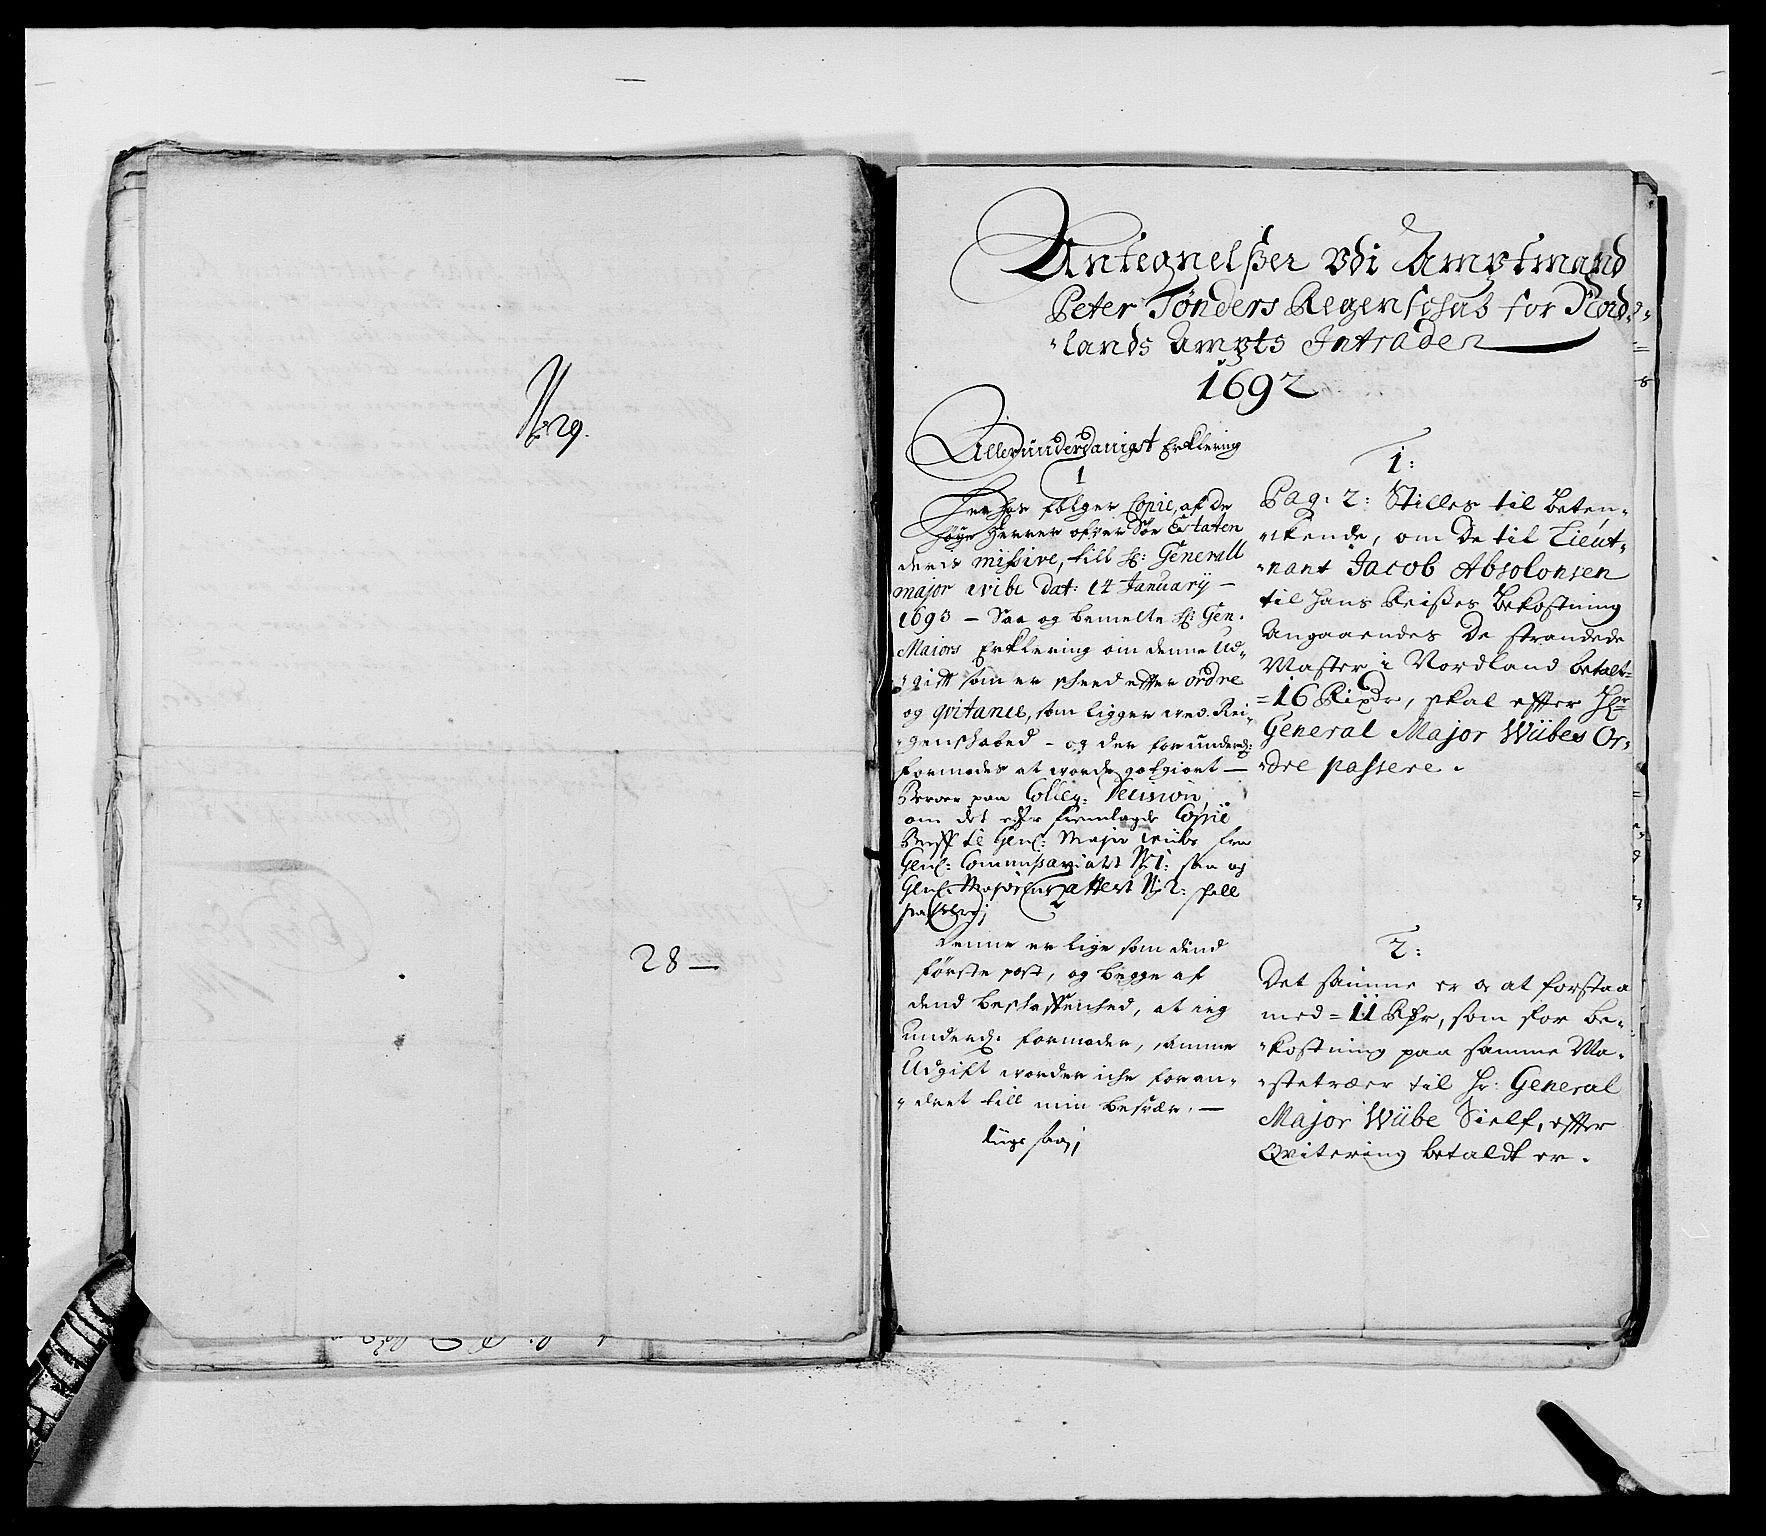 RA, Rentekammeret inntil 1814, Reviderte regnskaper, Fogderegnskap, R68/L4751: Fogderegnskap Senja og Troms, 1690-1693, s. 263